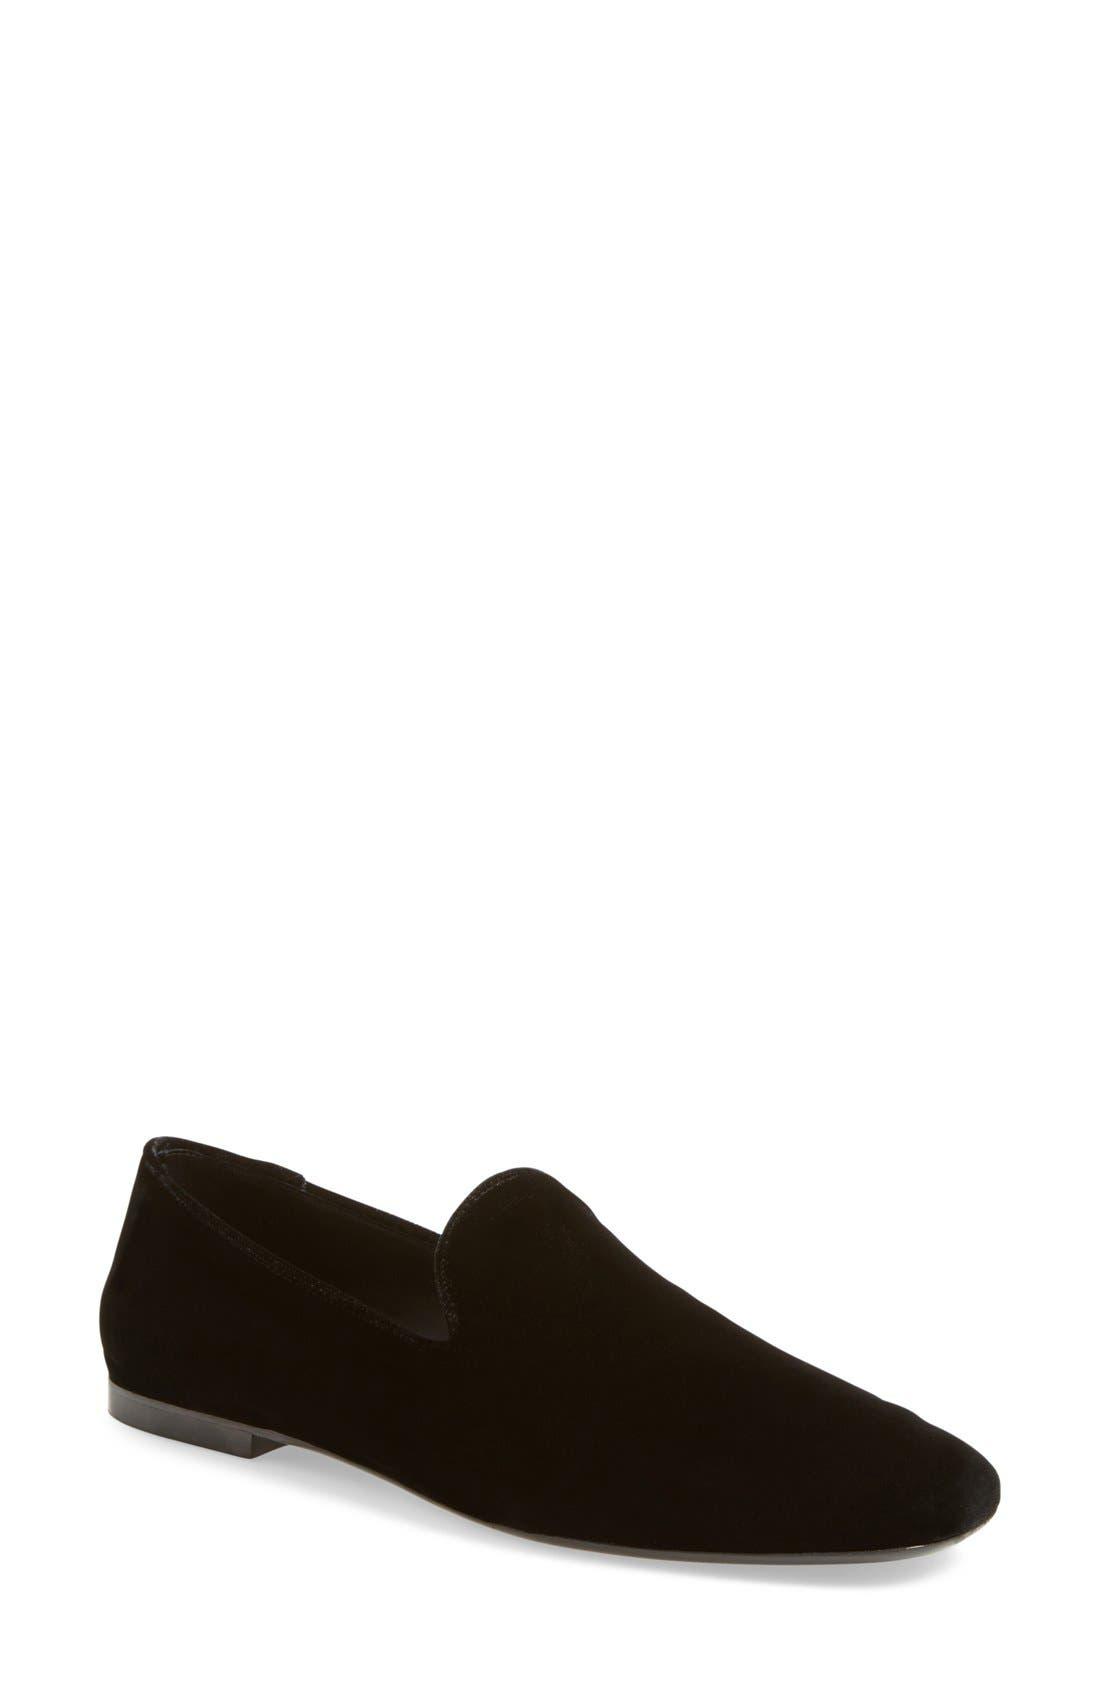 'Bray' Loafer,                         Main,                         color, Black